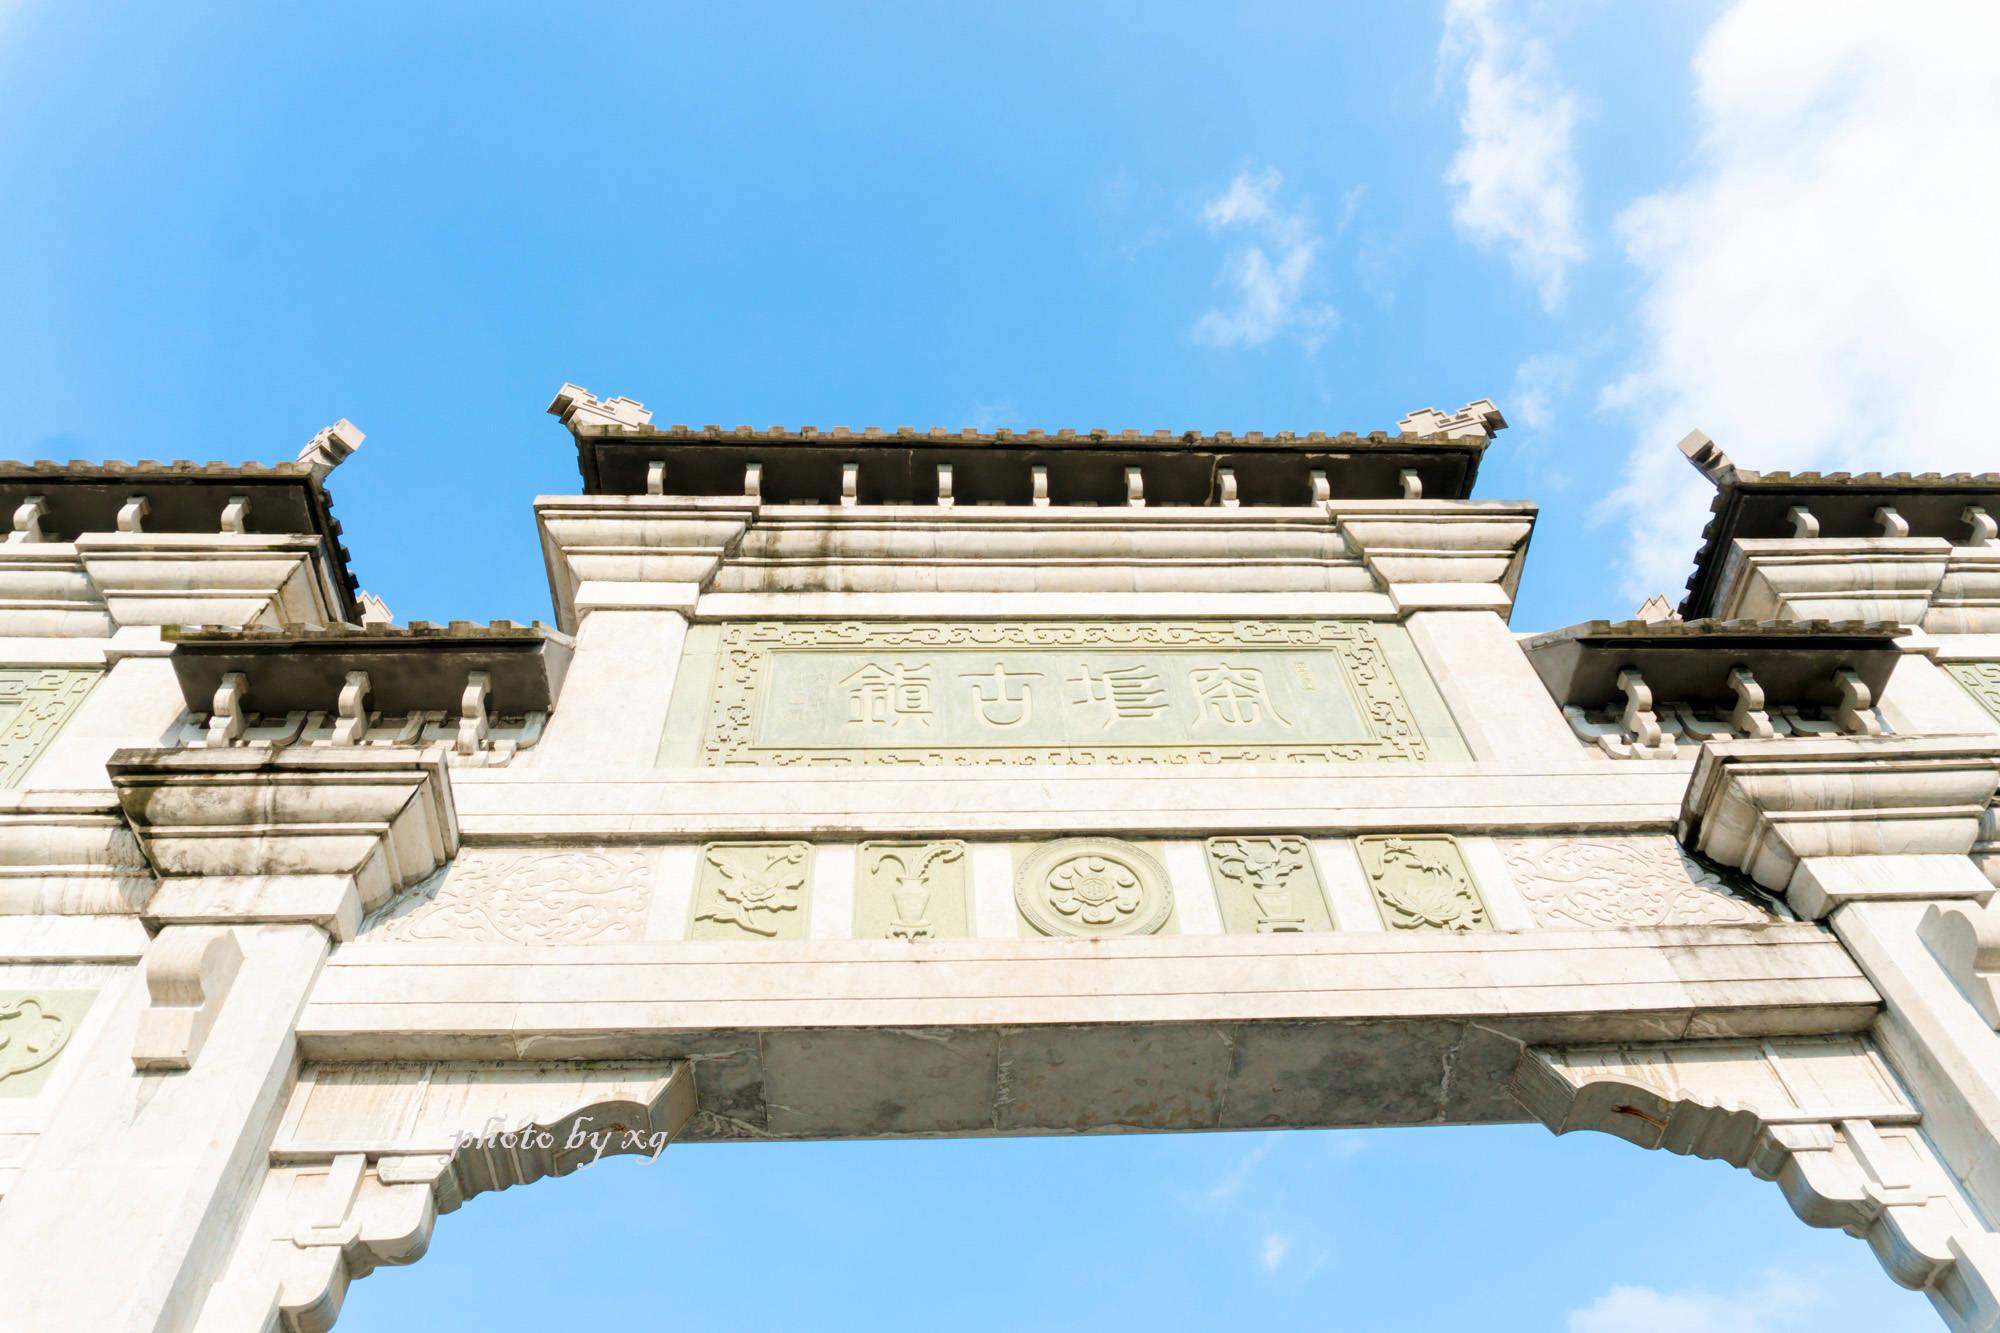 原创             柳州柳江上的一颗璀璨明珠,柳州的重要旅游景点,却被吐槽不好玩